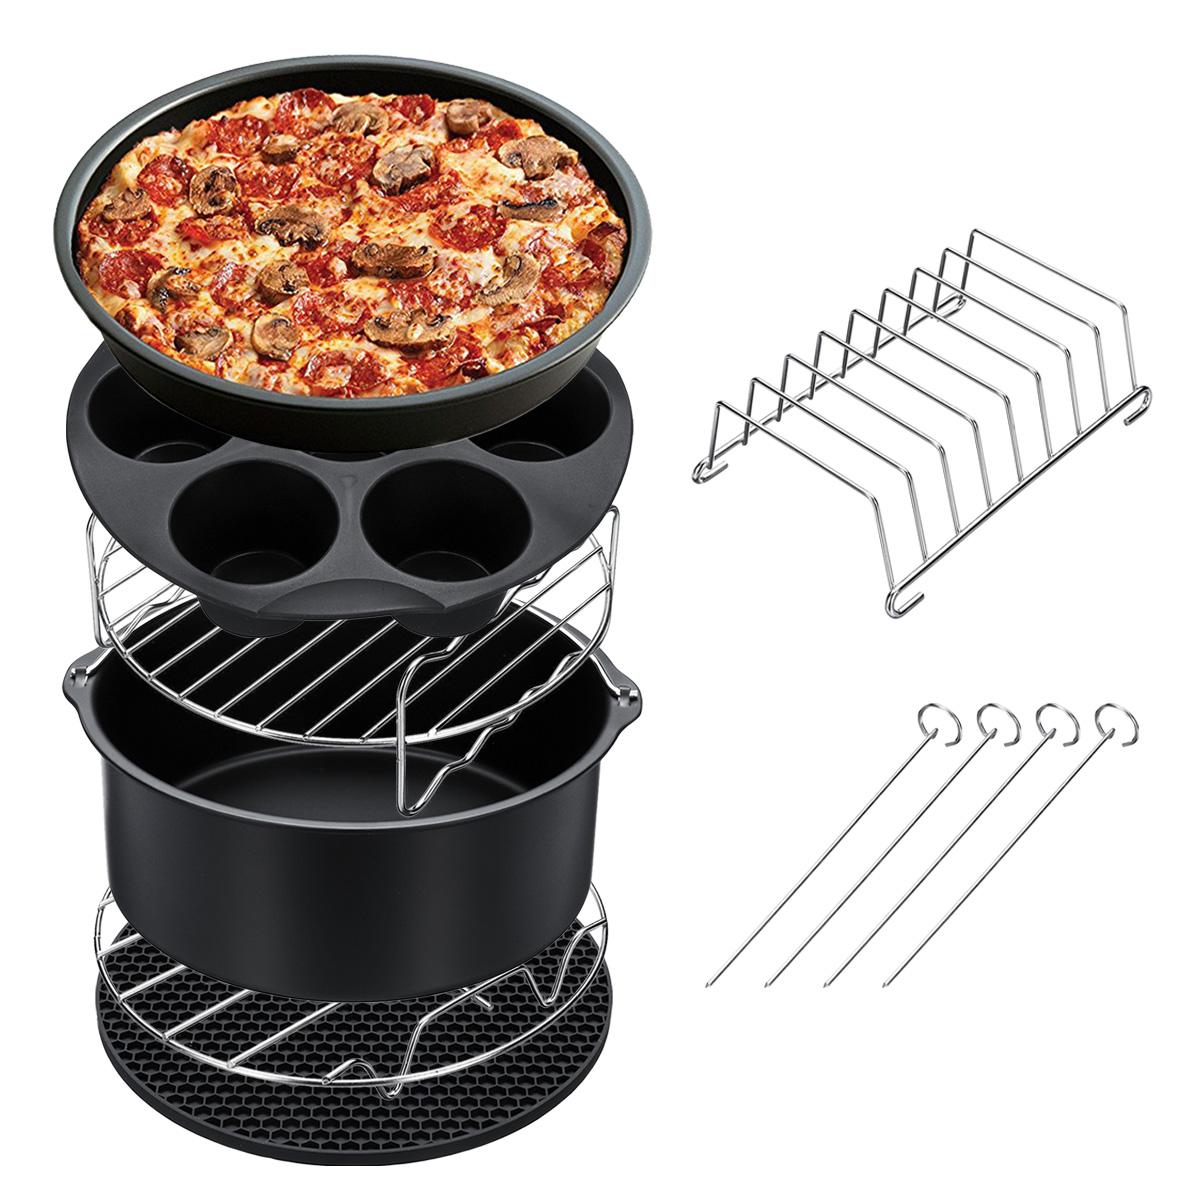 7штфритюрницааксессуарынаборчипсоввыпечки корзина для пиццы домашняя кухня Инструмент